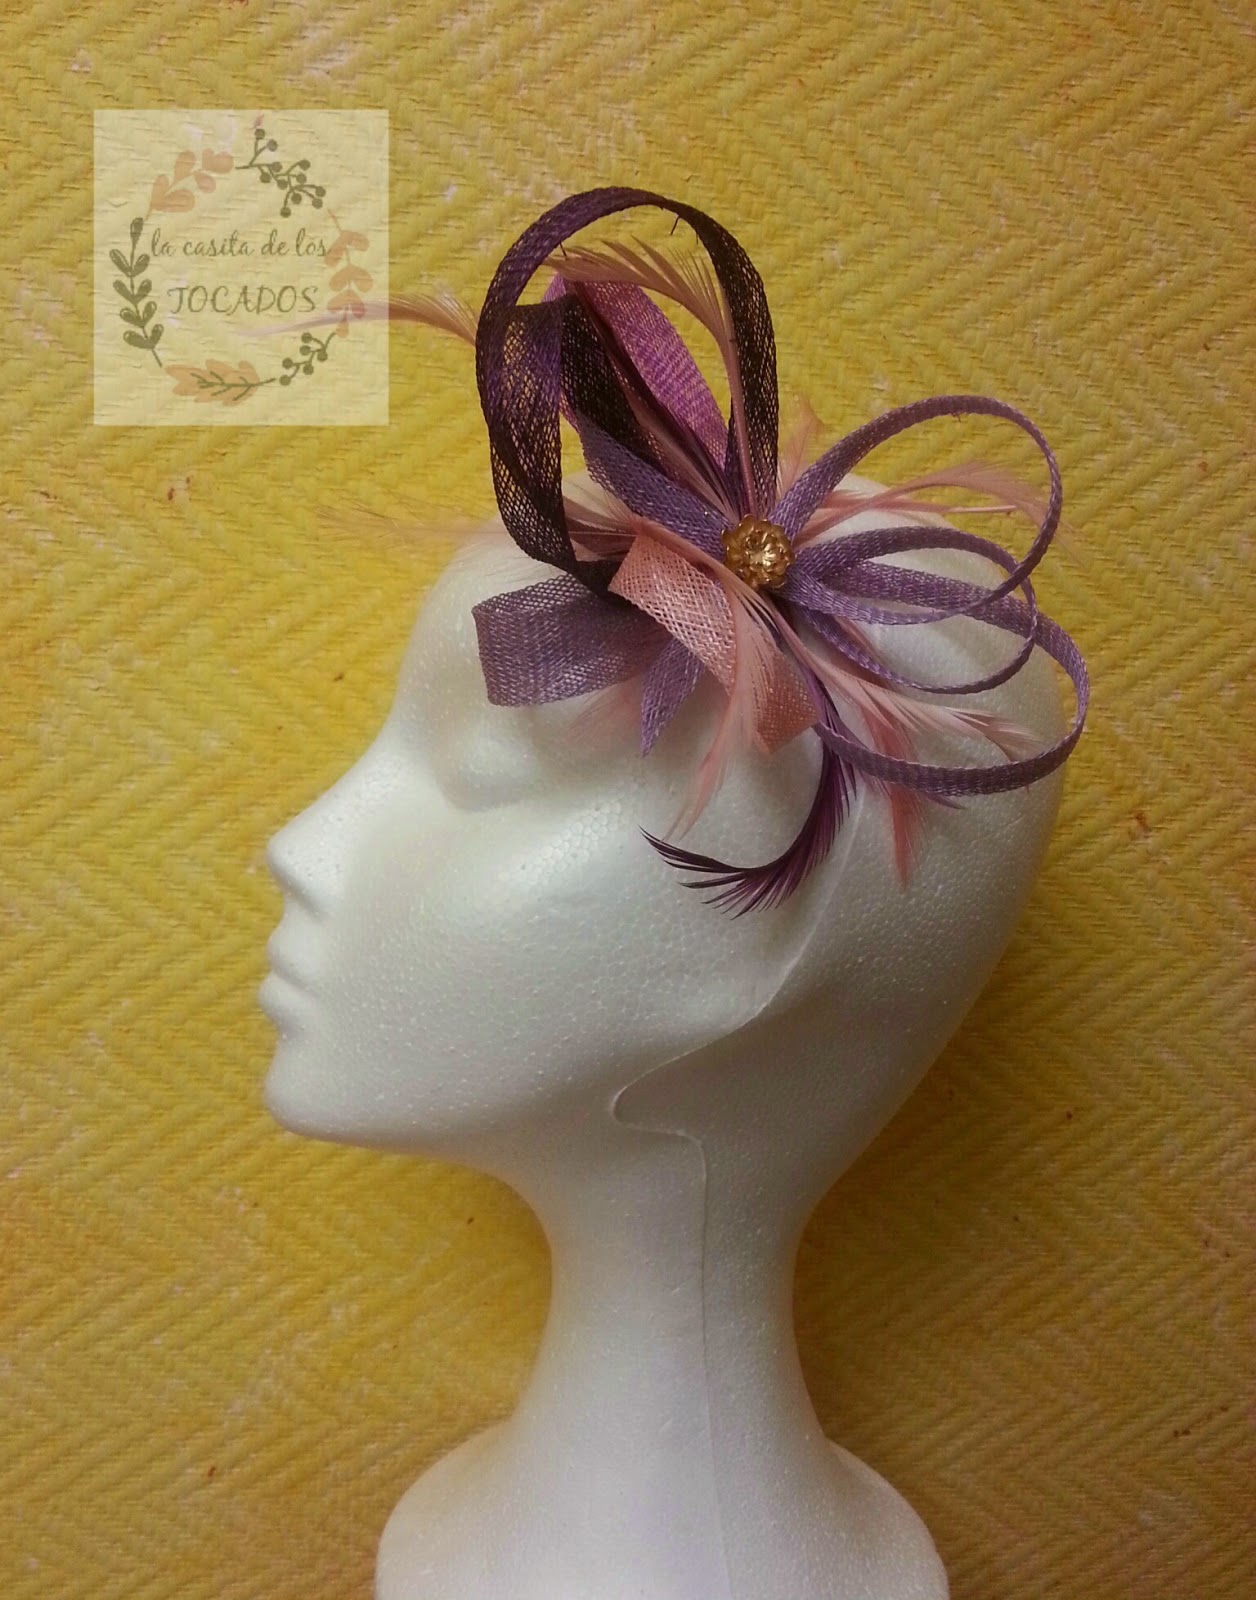 tocado para boda en colores malva, berenjena y rosa con plumas